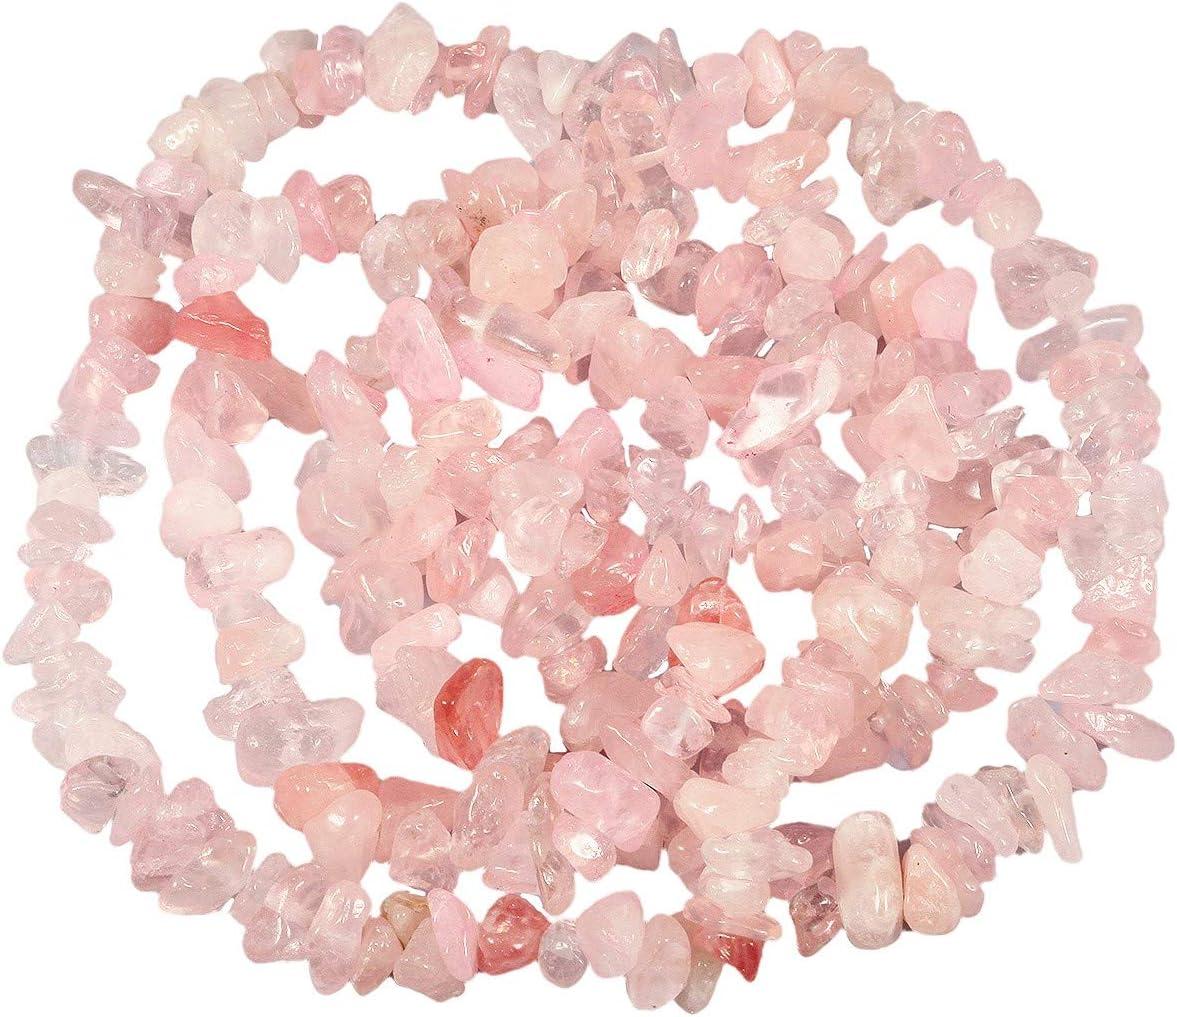 mookaitedecor - Perlas de Piedra Granel, pequeñas, Piedras pulidas irregularmente para Bricolaje, Collar curación y fabricación de Joyas, Cuarzo Rosa, Rosa